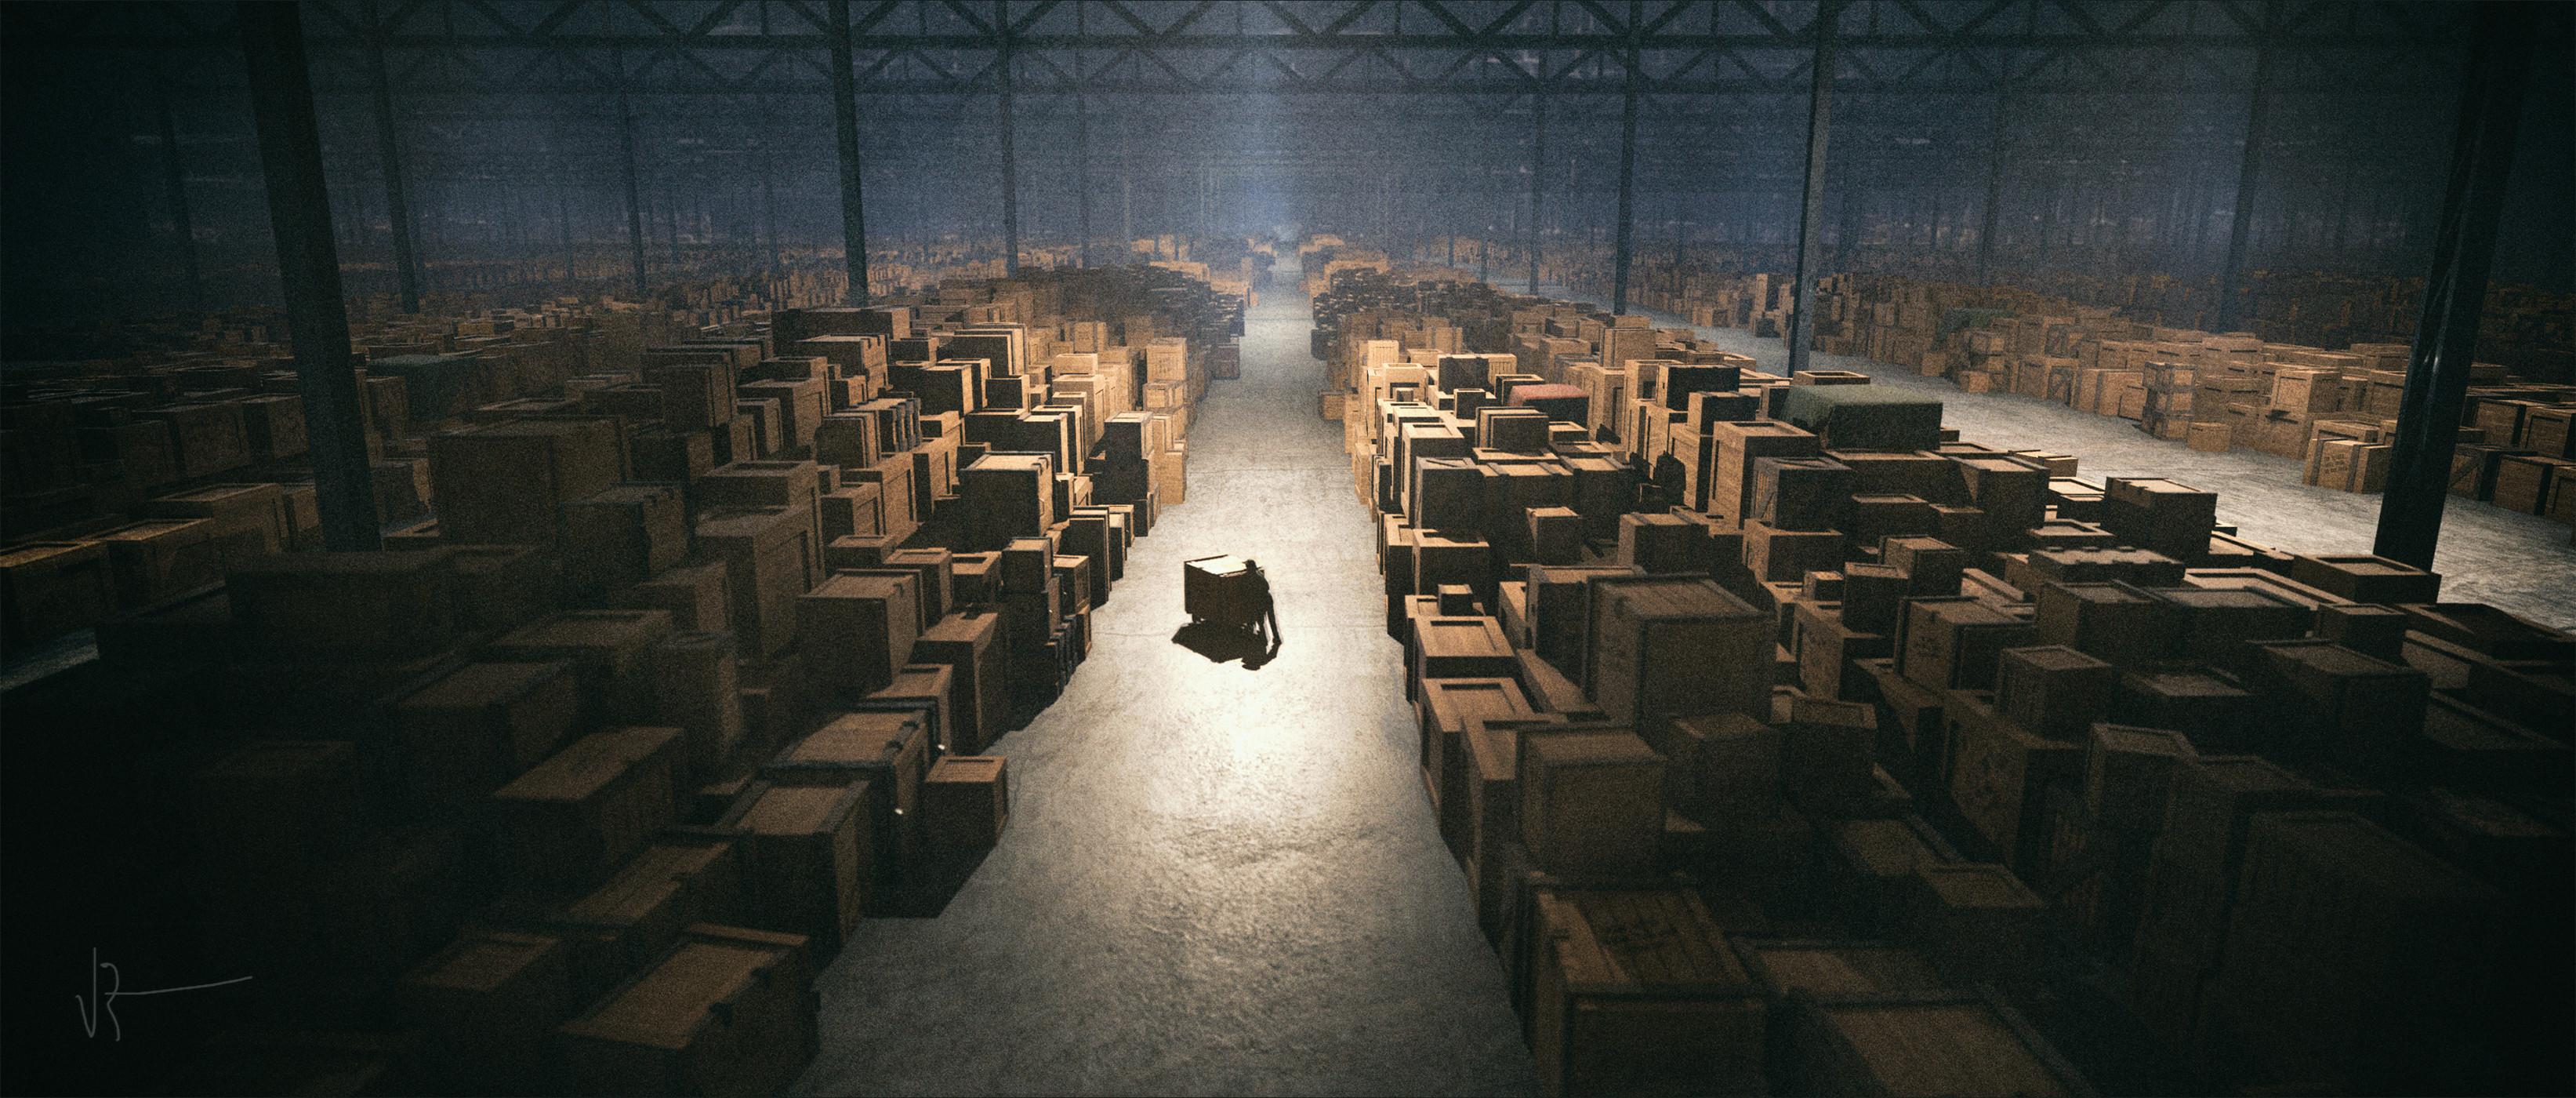 neil-burn-warehouse-05-filtered-signed-sized.jpg